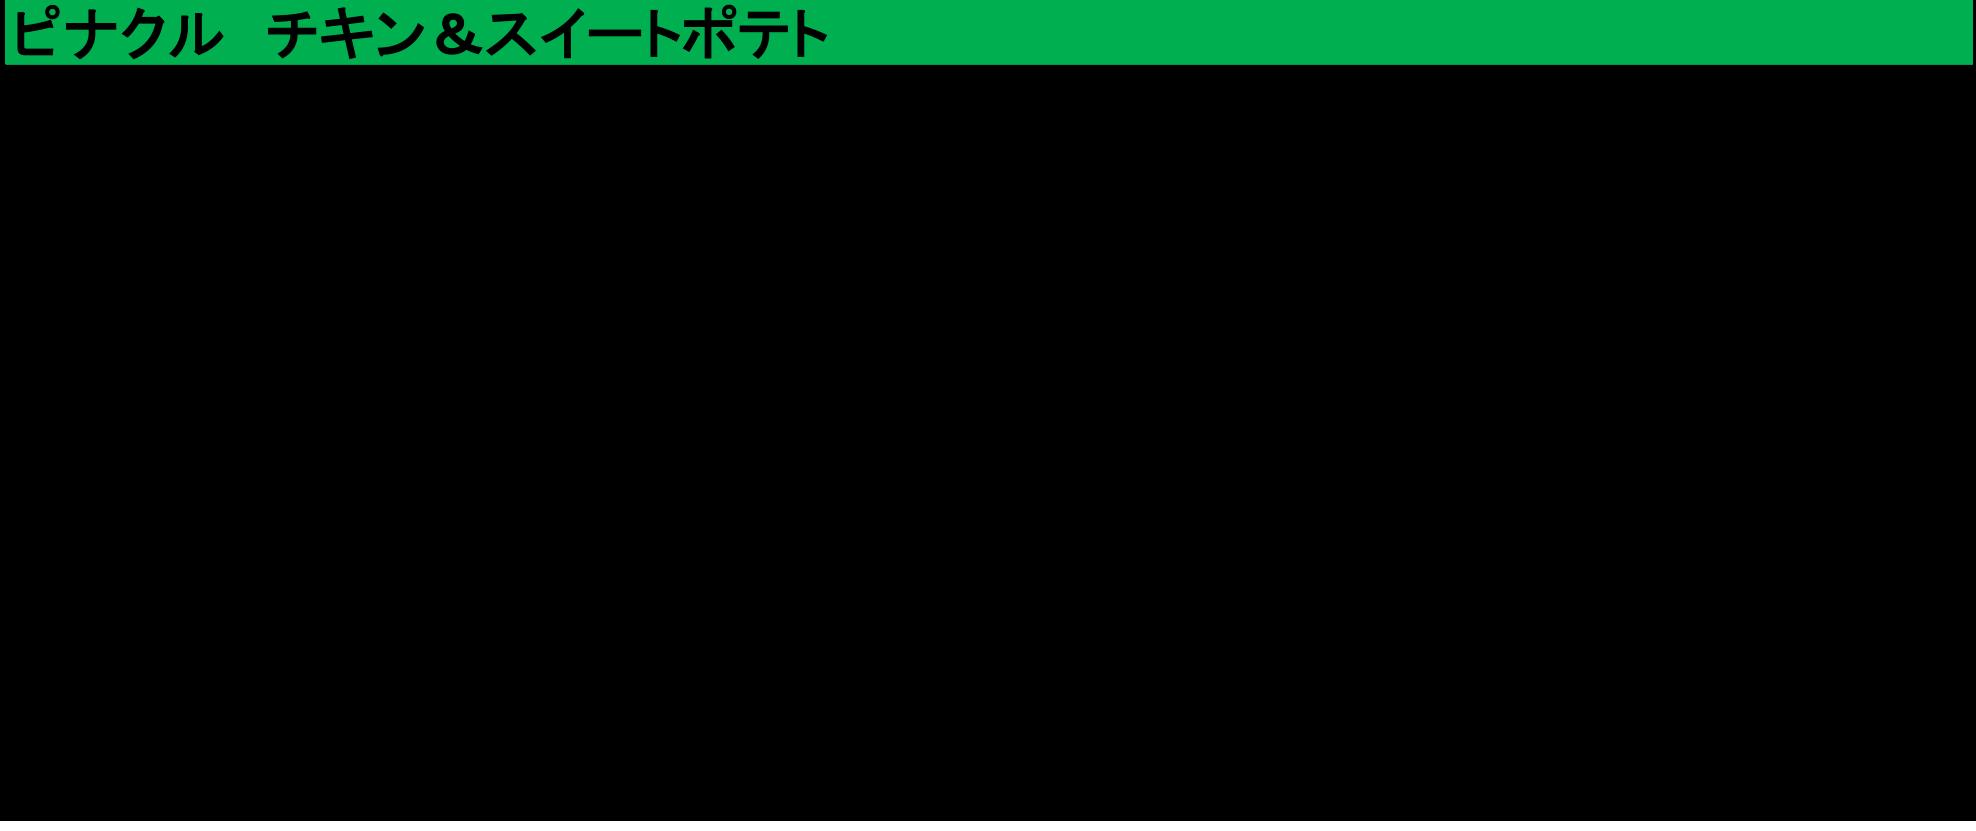 ピナクル チキン&スイートポテト - 給与量